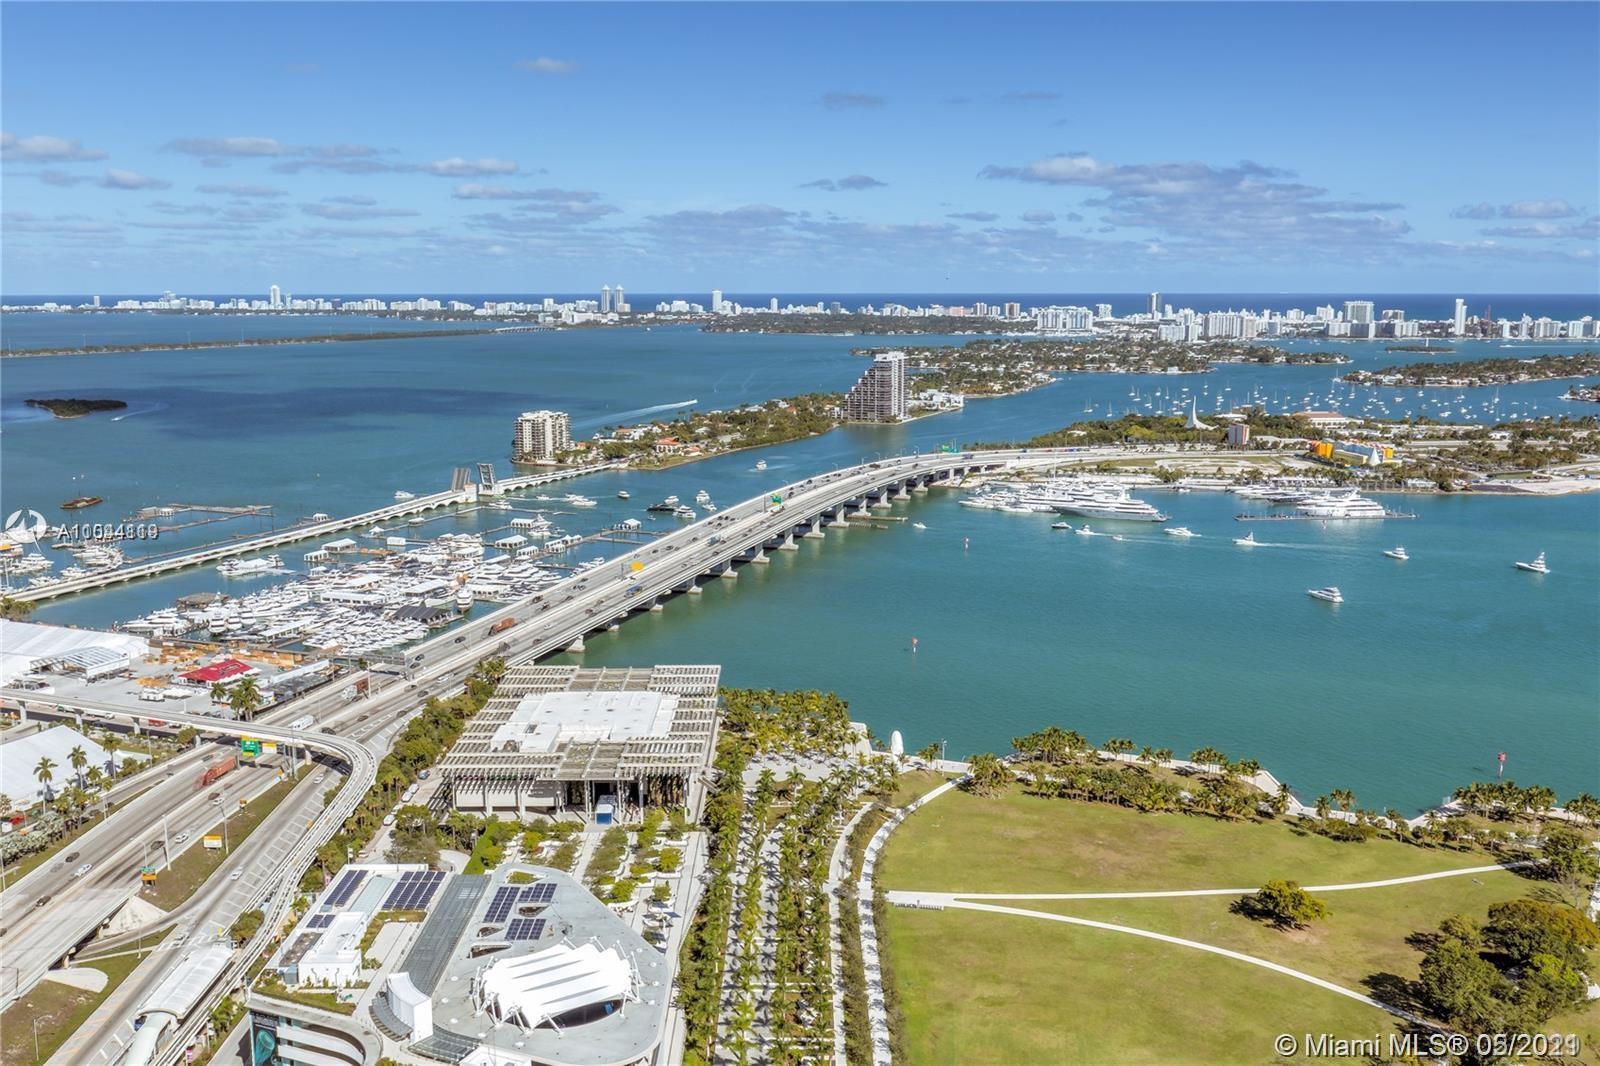 900 Biscayne Bay #5208 - 900 Biscayne Blvd #5208, Miami, FL 33132